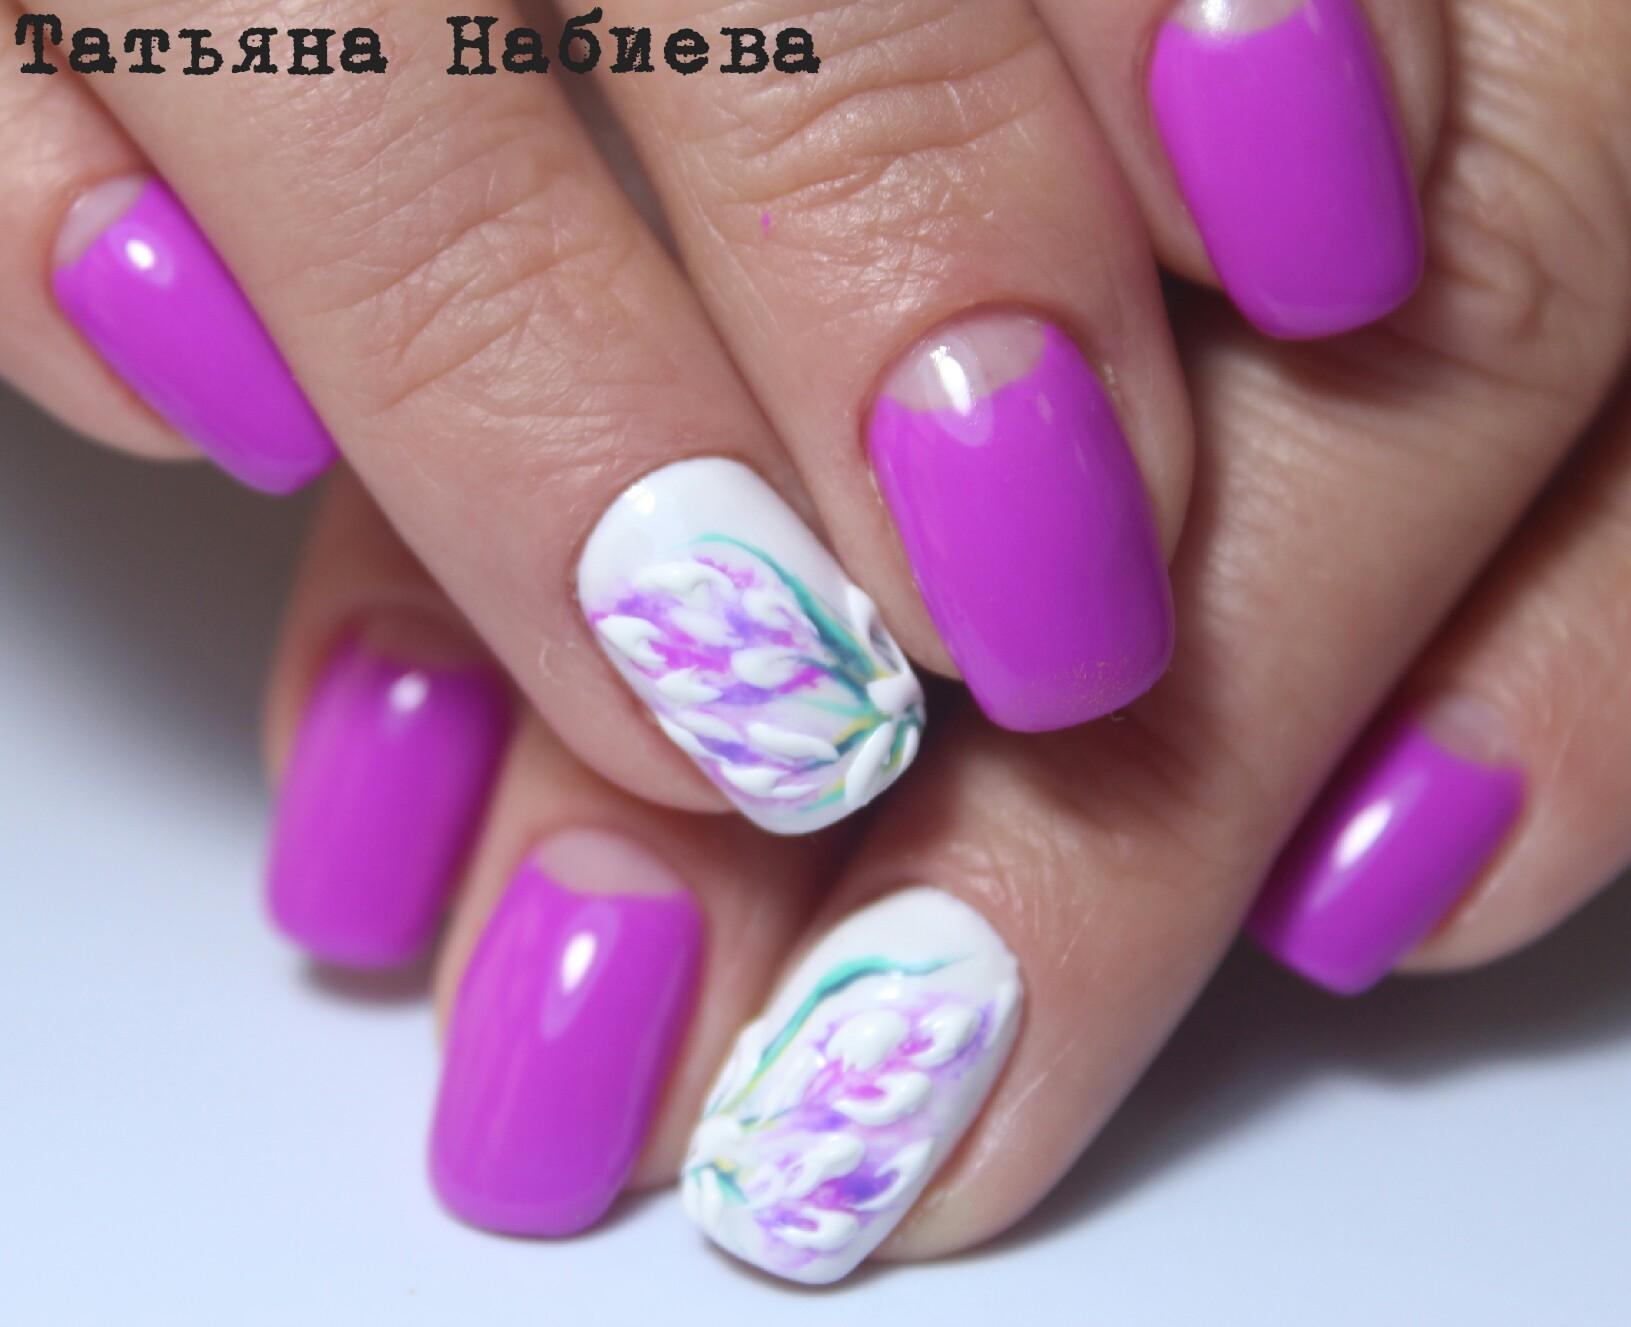 Фиолетовый маникюр с объемными цветами